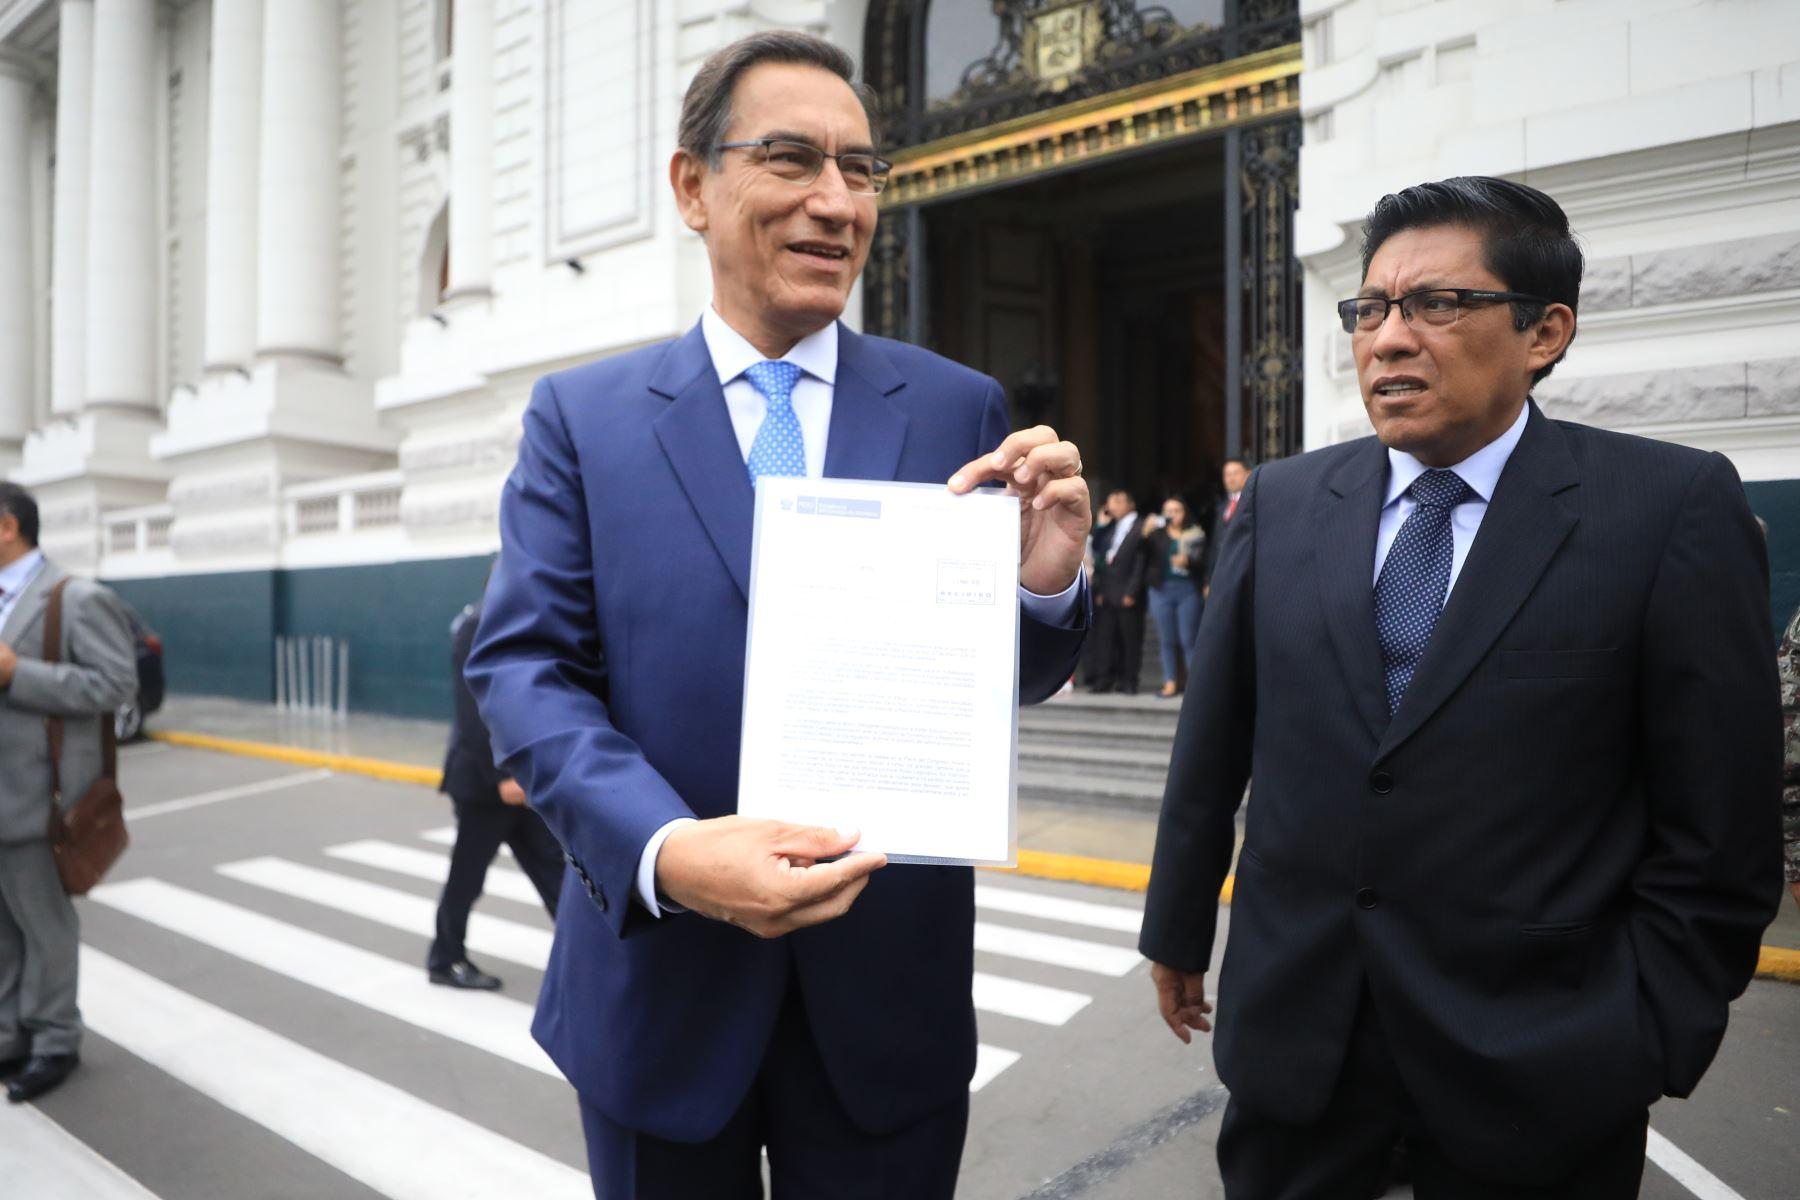 Declaraciones del presidente Vizcarra en el Congreso de la República. Foto: ANDINA/MINJUS/Carolina Urra